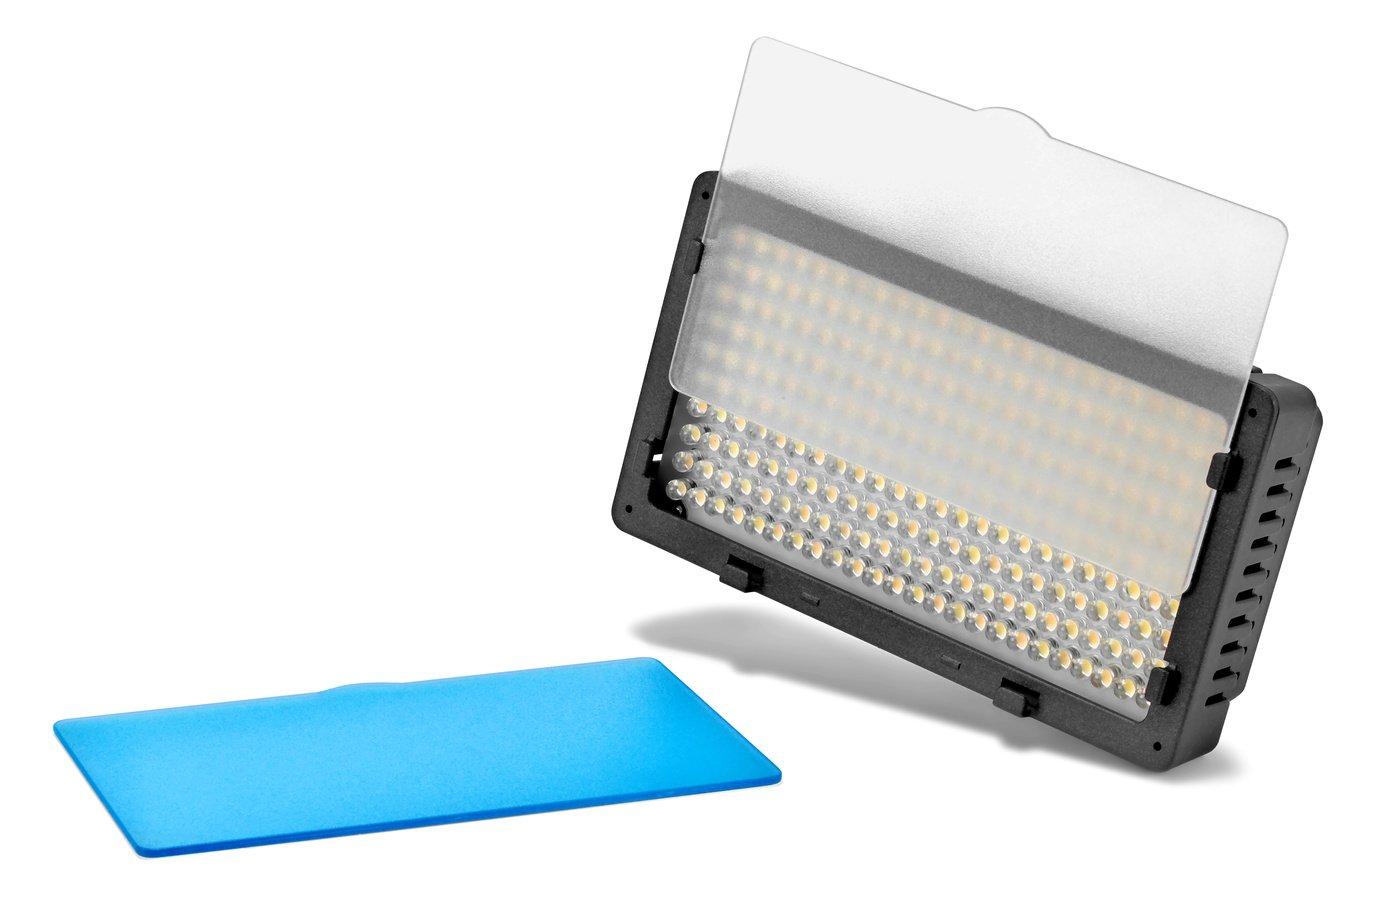 Vorne in die Leuchte können Diffusscheiben eingesetzt werden.